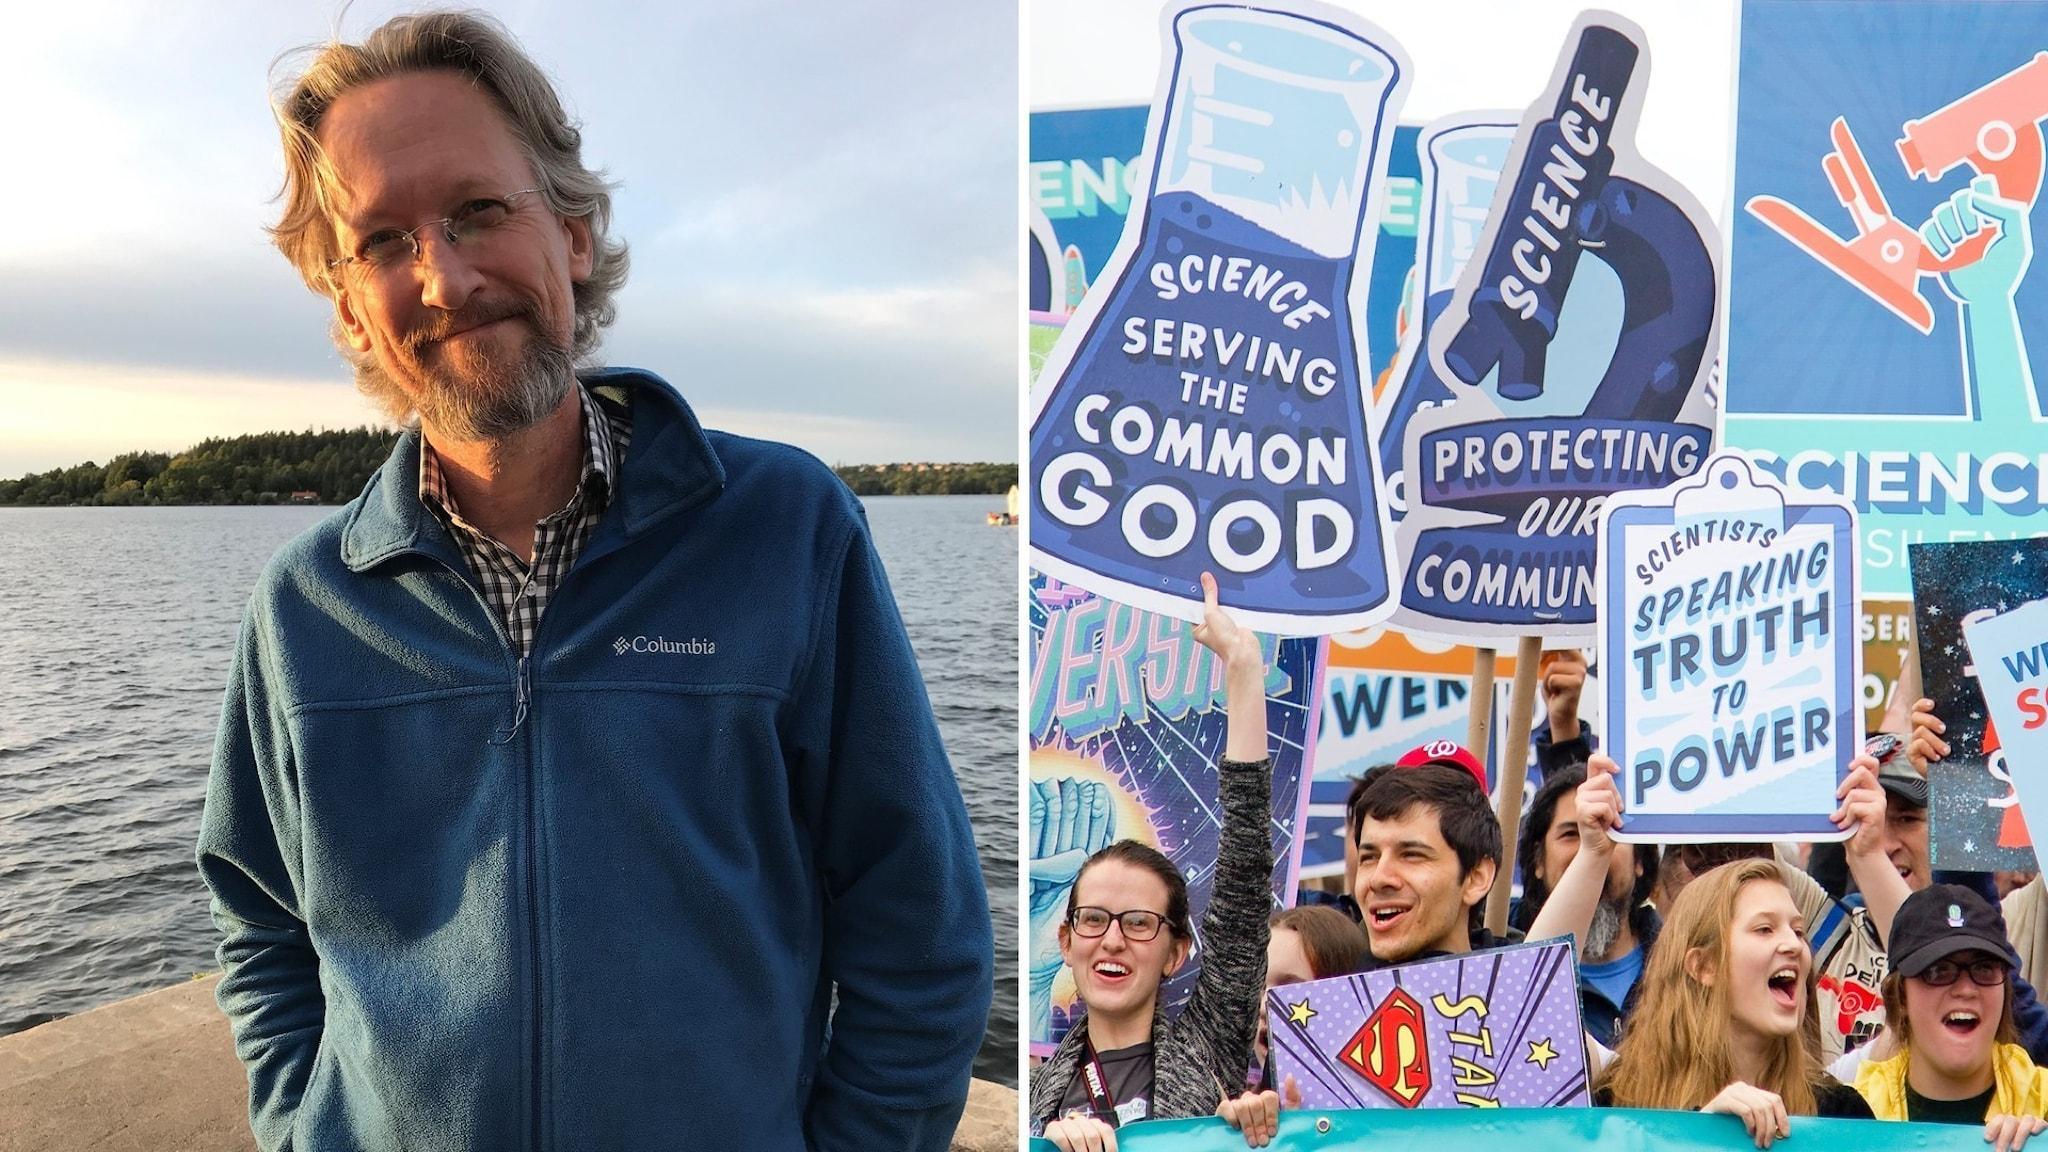 En bild av David Östlund, och en av demonstranter för vetenskap i USA.